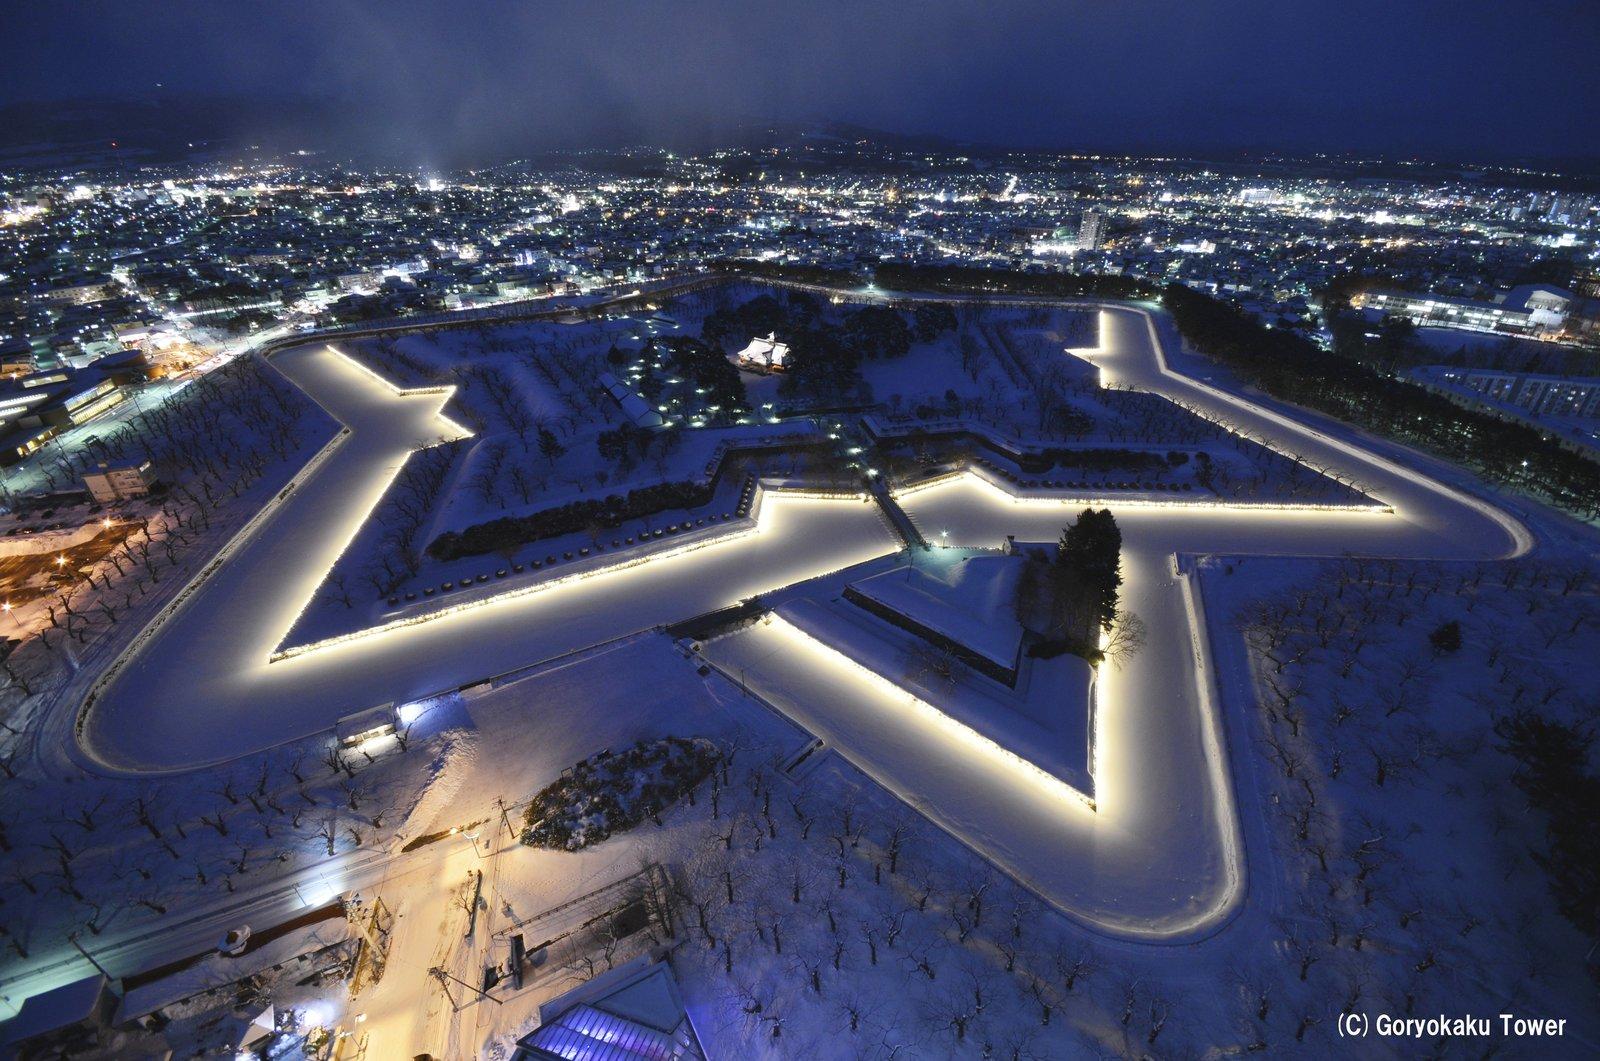 冬の函館五稜郭の夜景